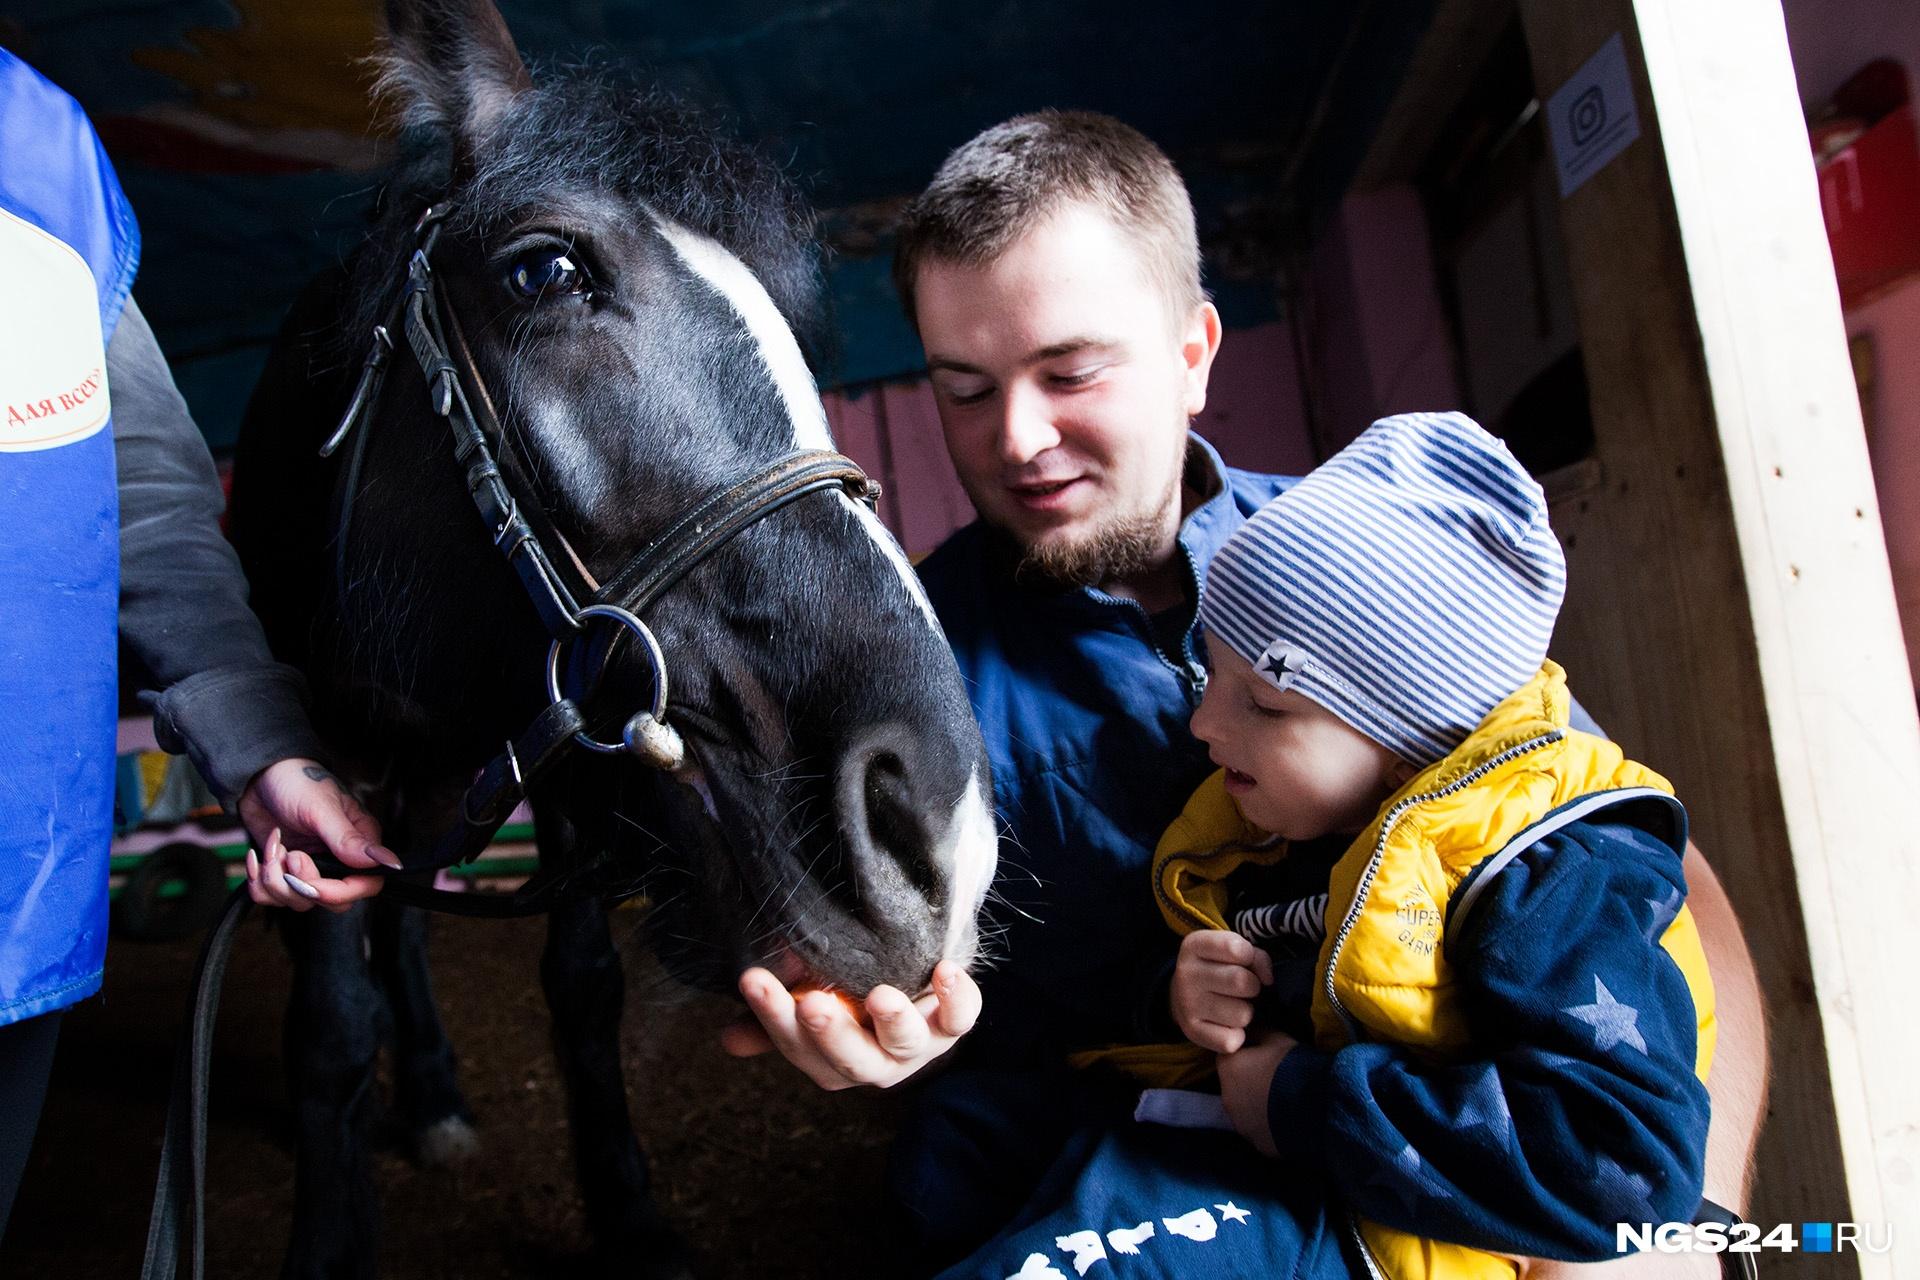 Кормить лошадей морковкой Тимофею нравится. Конечно, все делается под присмотром инструкторов